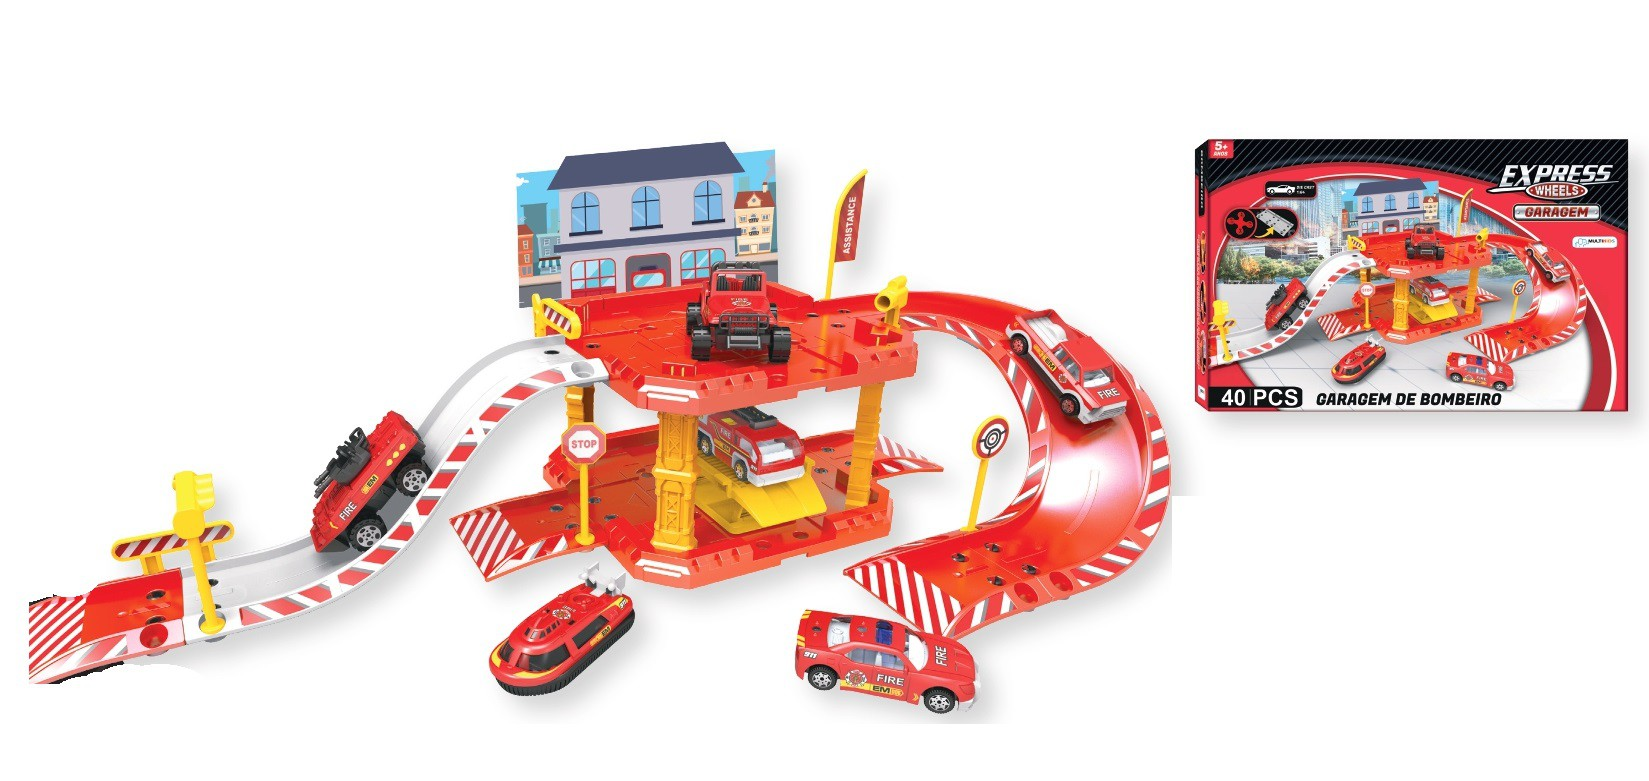 Express Wheels Garagem De Bombeiro 40 Peças BR1235 Multilaser